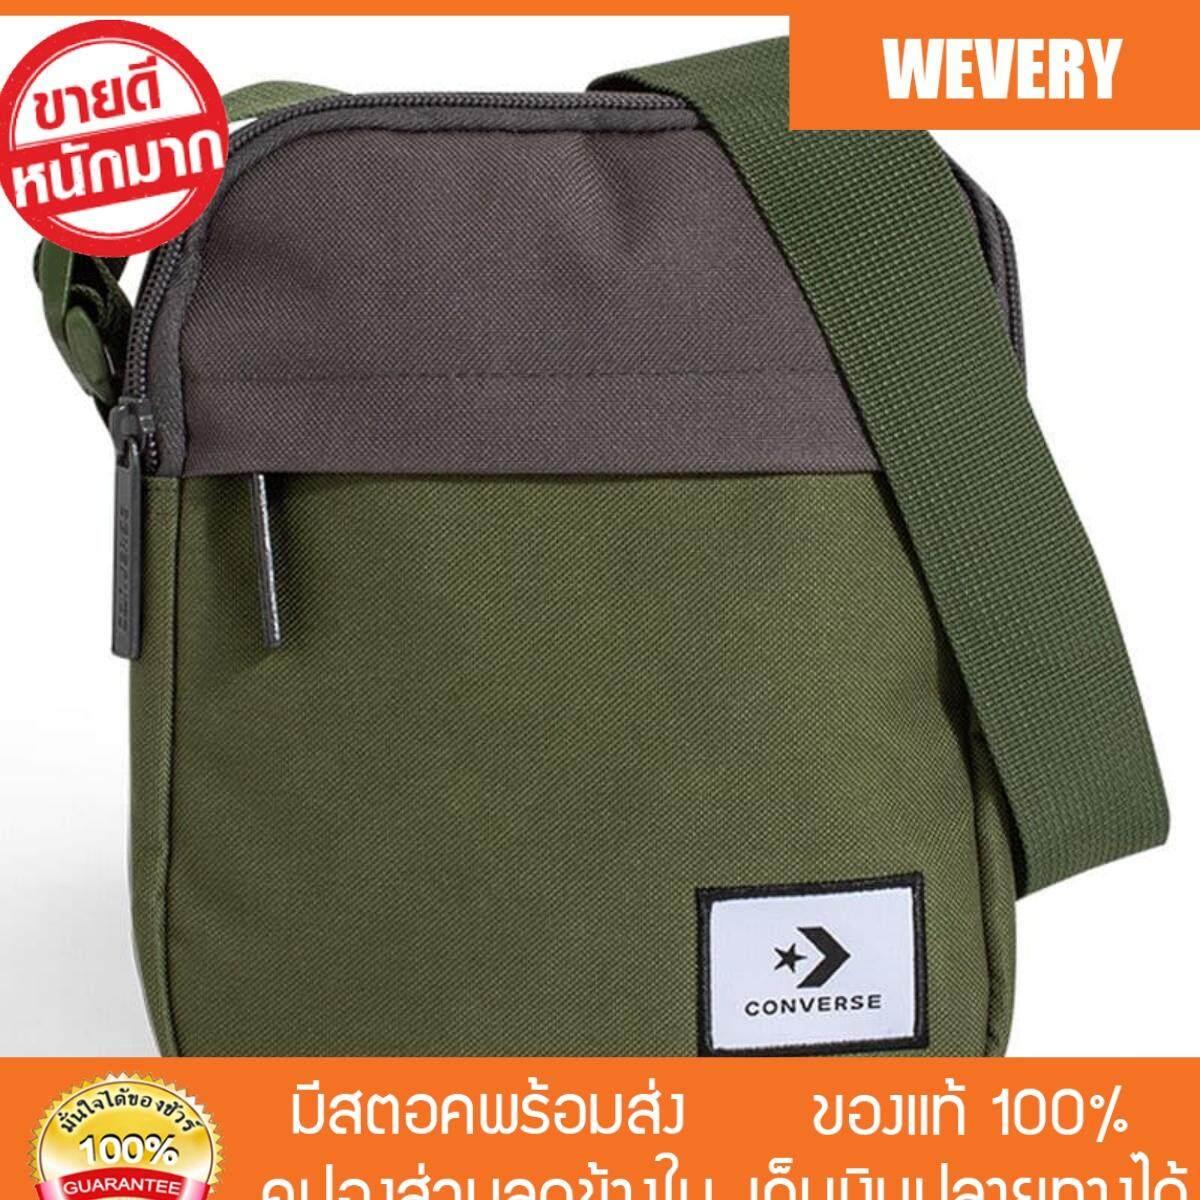 สุดยอดสินค้า!! [Wevery]- Converse กระเป๋าสะพายข้าง รุ่น Gratify Mini สีเขียวเข้ม กระเป๋าแฟชั่น กระเป๋าแฟชั้น กระเป๋าผู้หญิง เป้สะพายข้าง กระเป๋าสะพายconverse สะพายข้าง ส่ง Kerry เก็บปลายทางได้